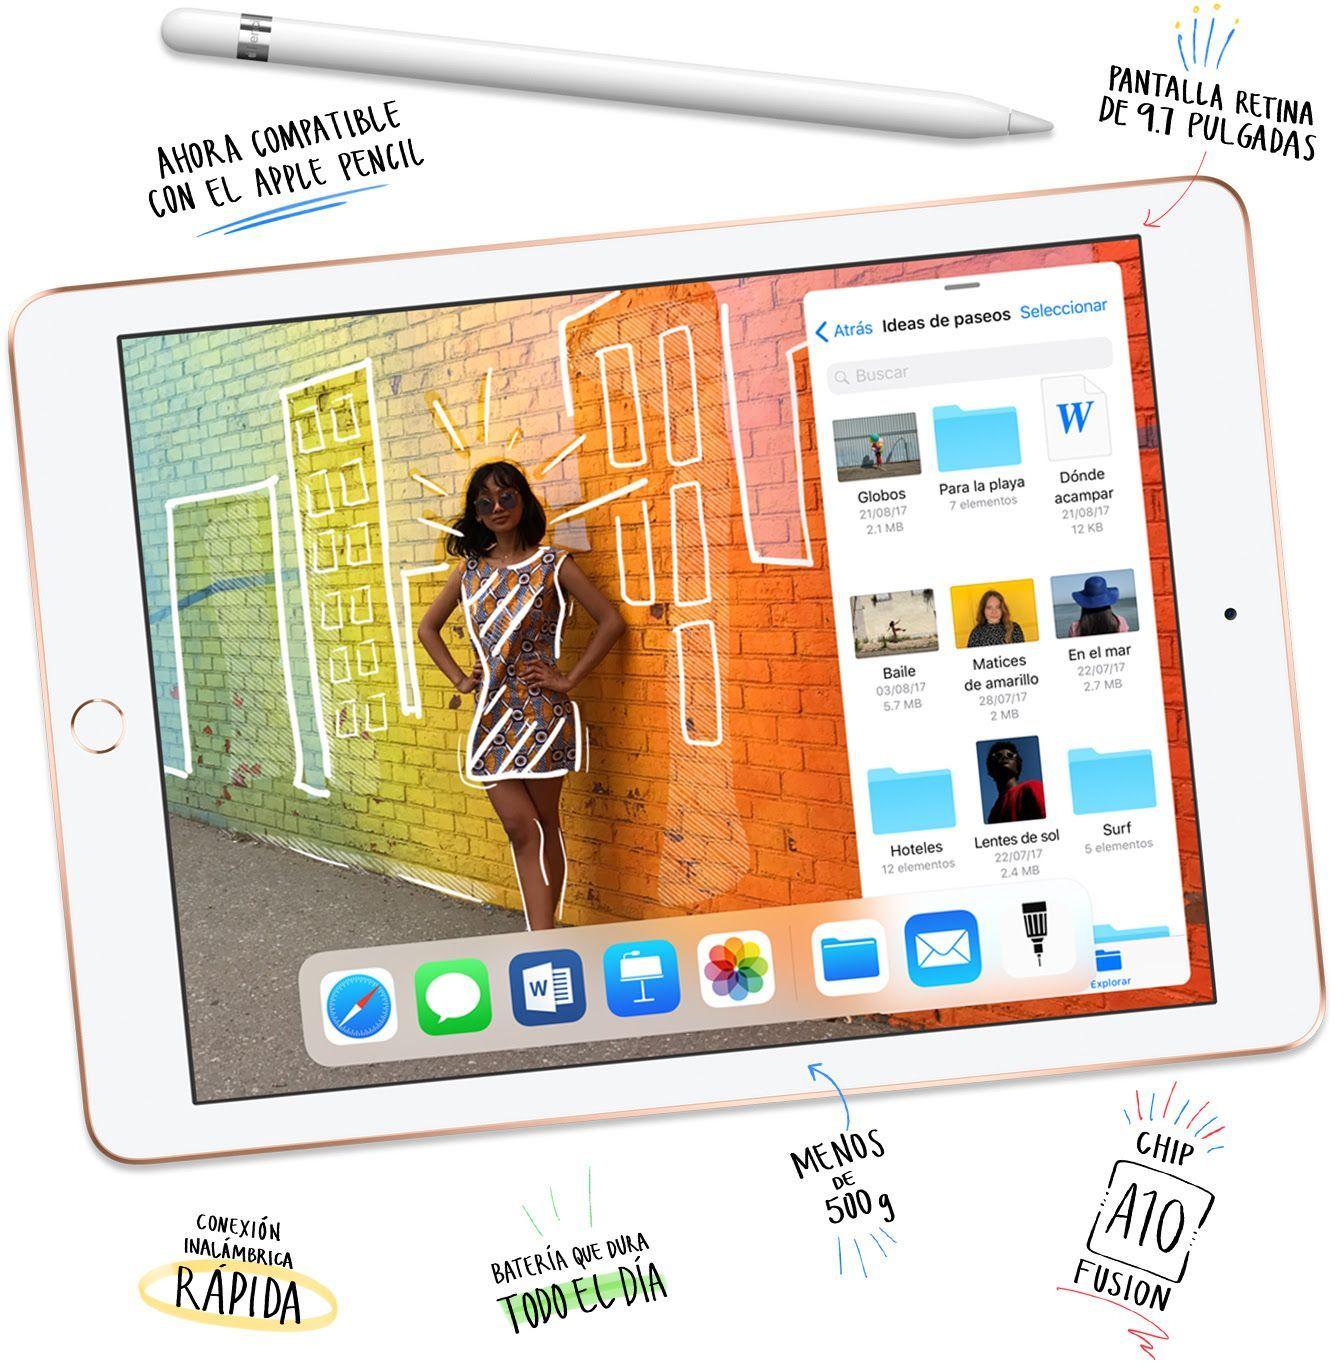 nuevo iPad en México 9.7 pulgadas